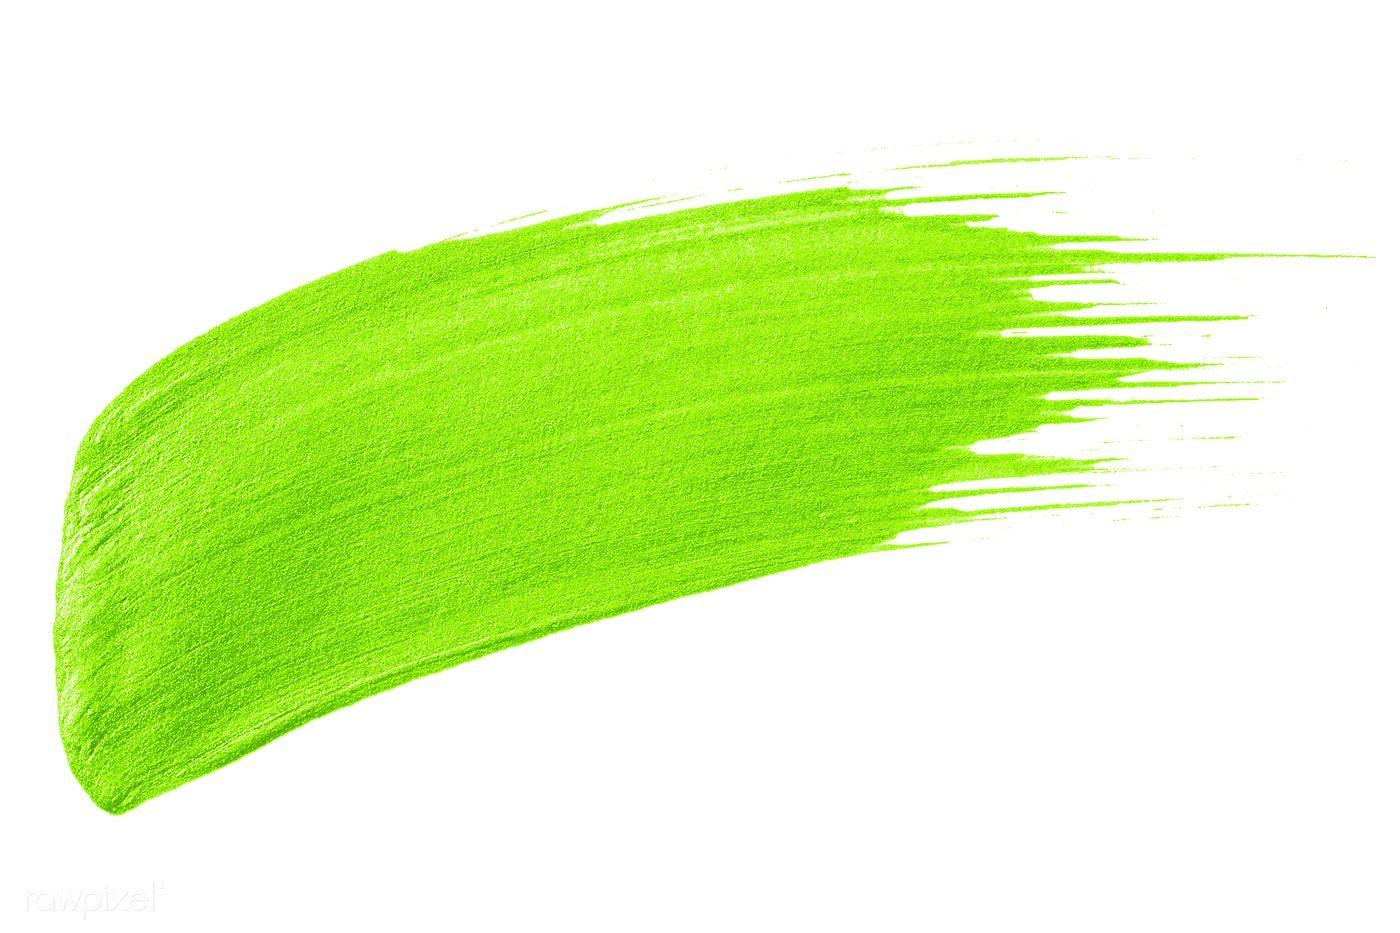 Neon Lime Green Brush Stroke